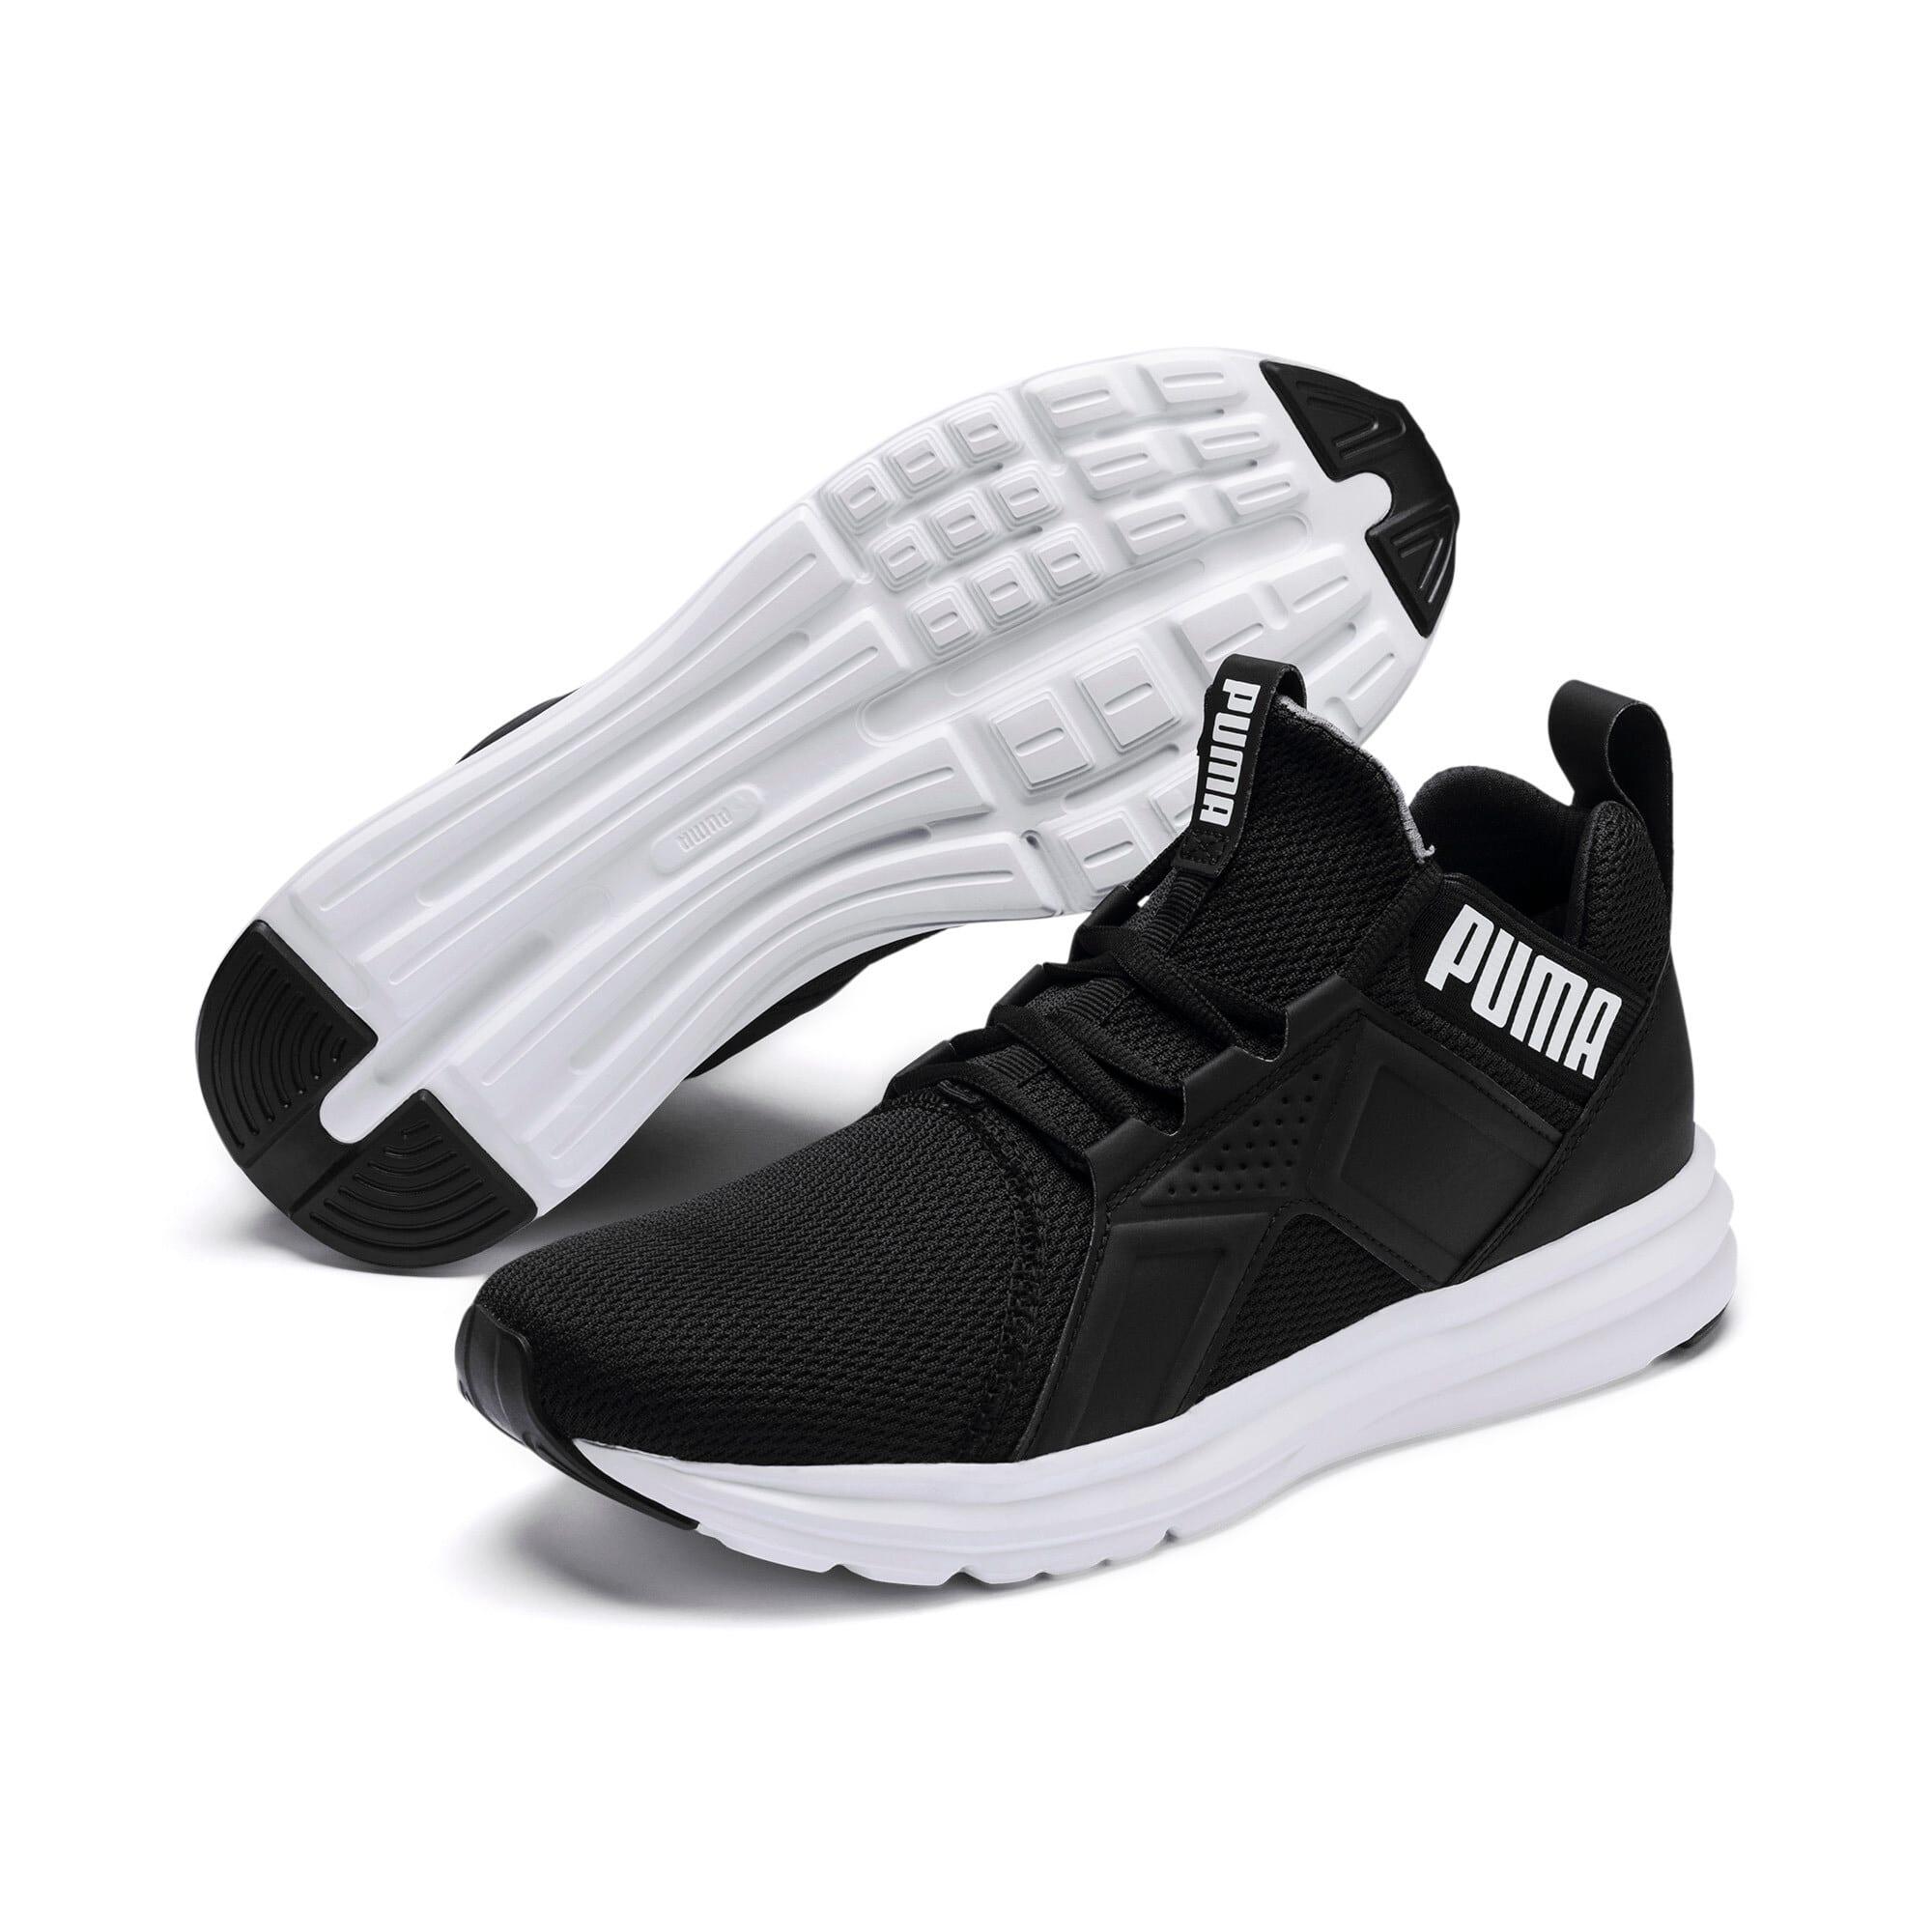 Thumbnail 3 of Enzo Sport Men's Training Shoes, Puma Black-Puma White, medium